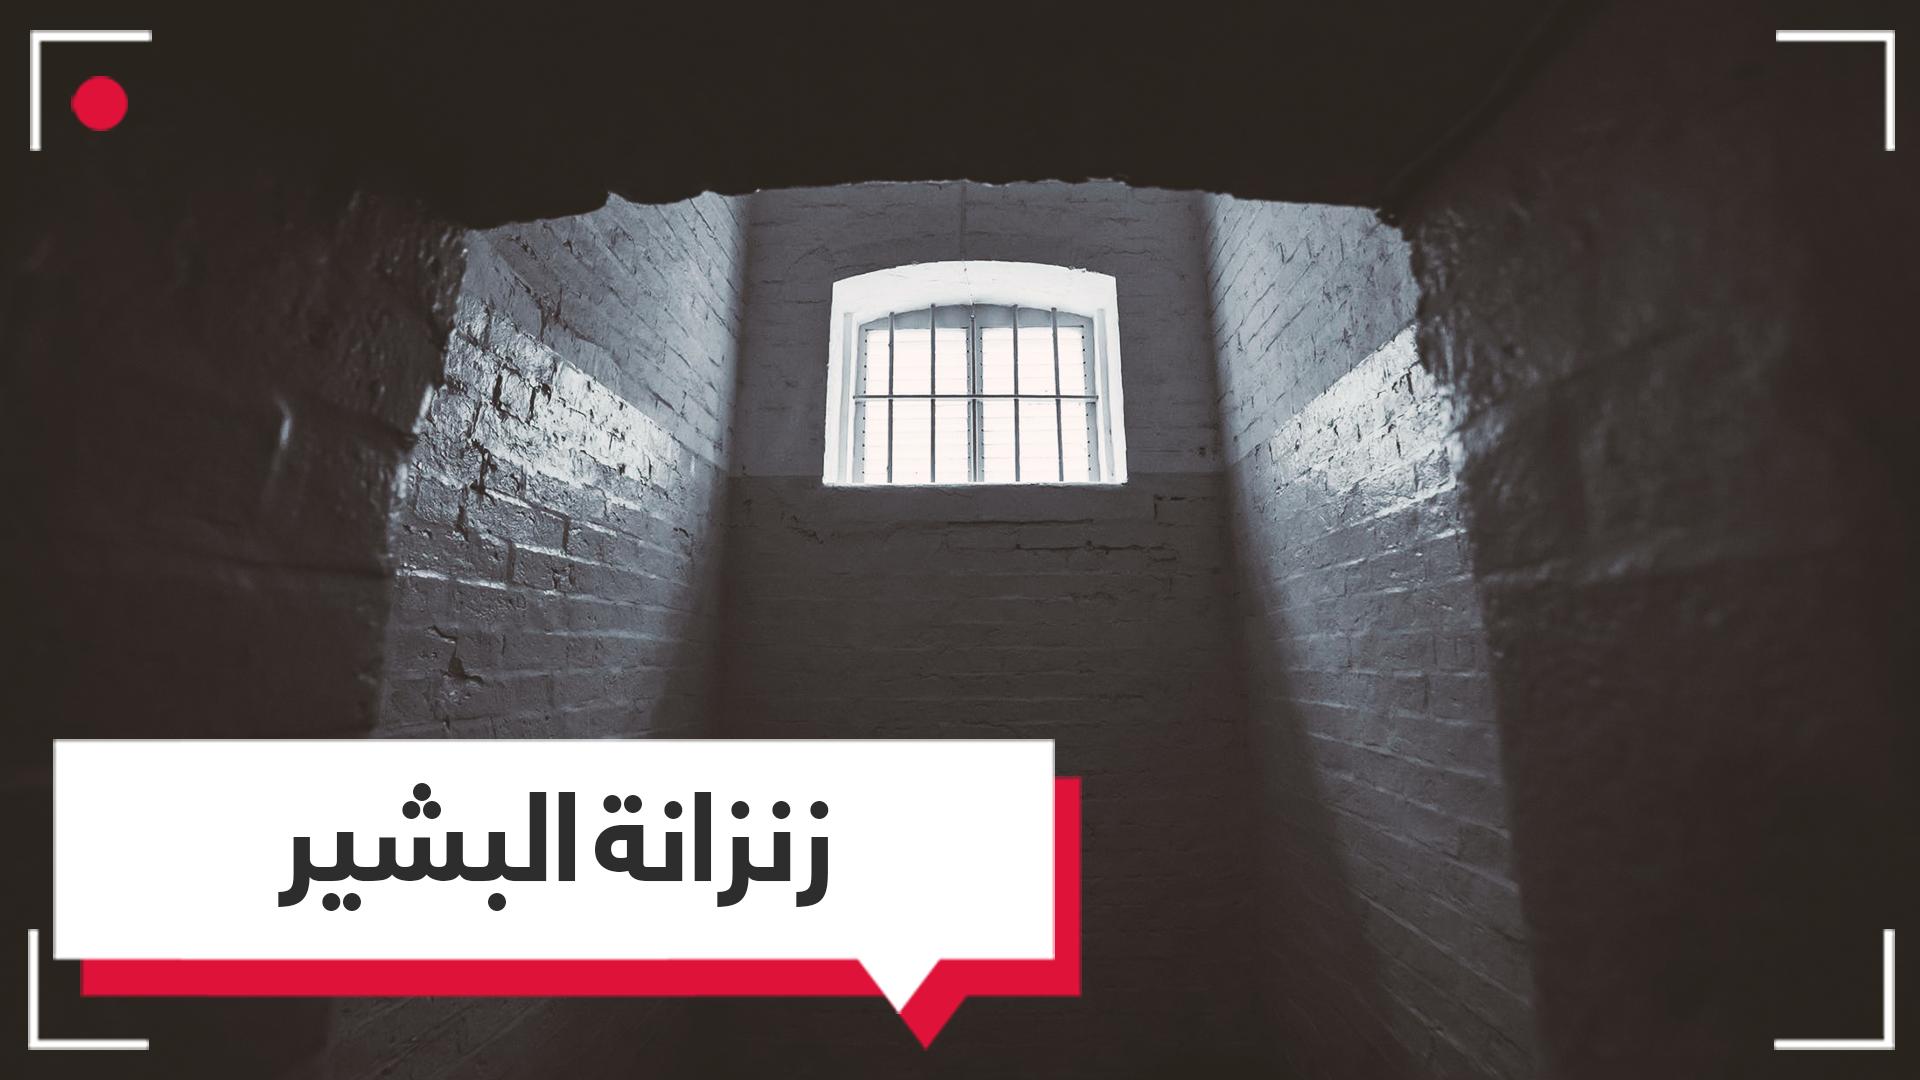 تلفزيون ومكيف هواء.. ماذا تحوي أيضا زنزانة عمر البشير في سجن كوبر؟